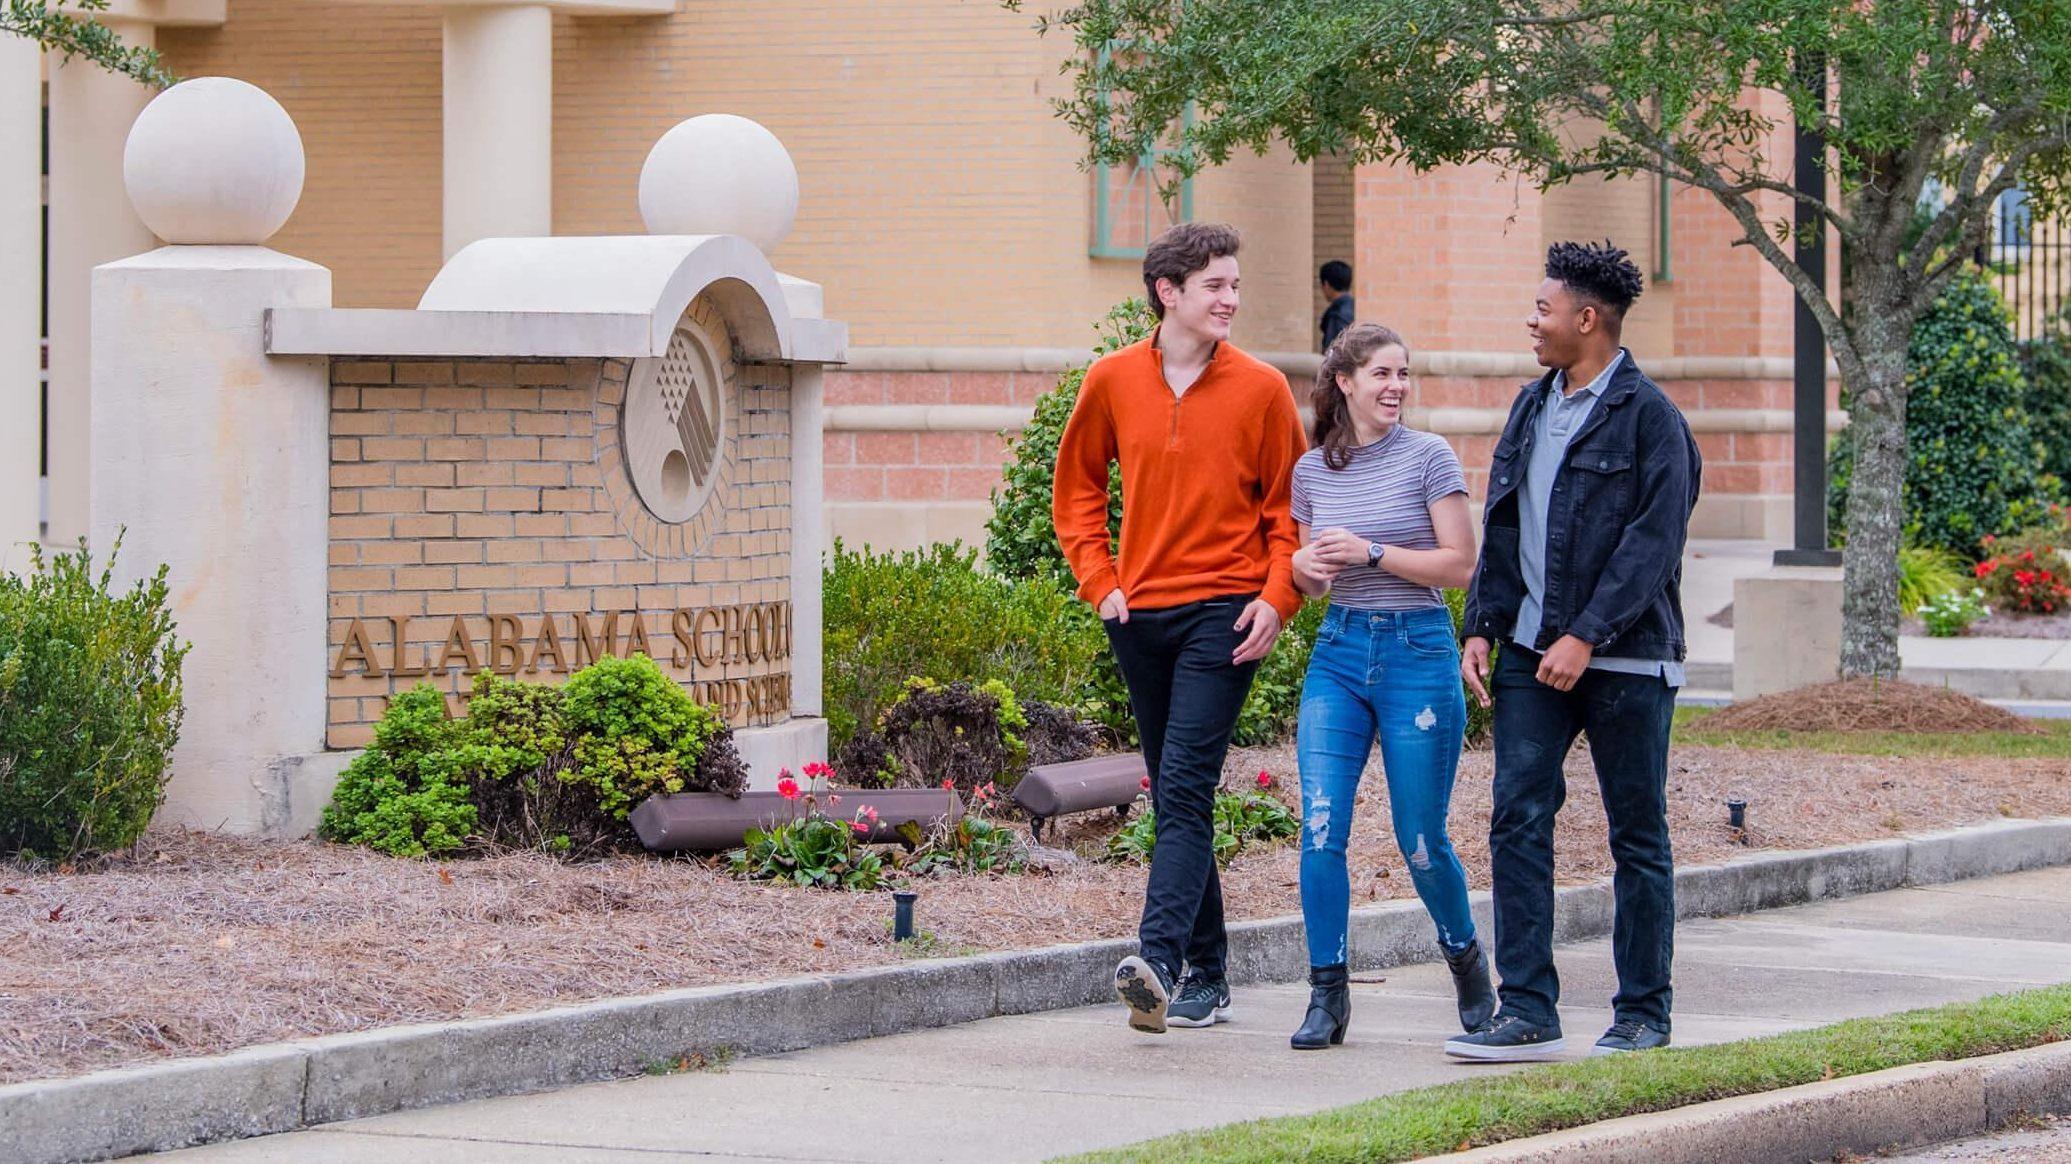 2019 ASMS Campus Nov 3190